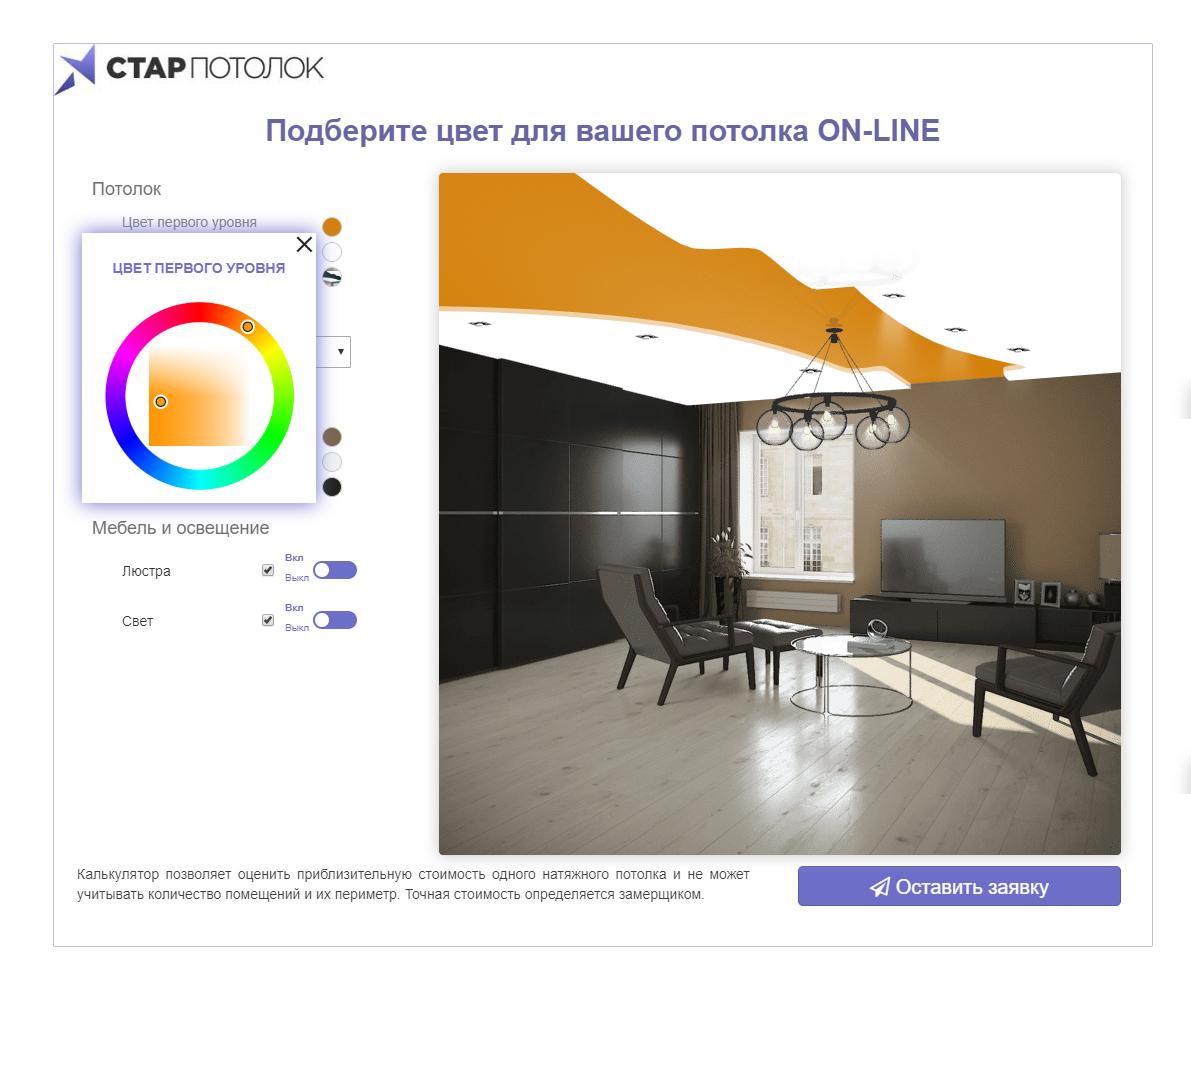 Конфигуратор натяжного потолка онлайн